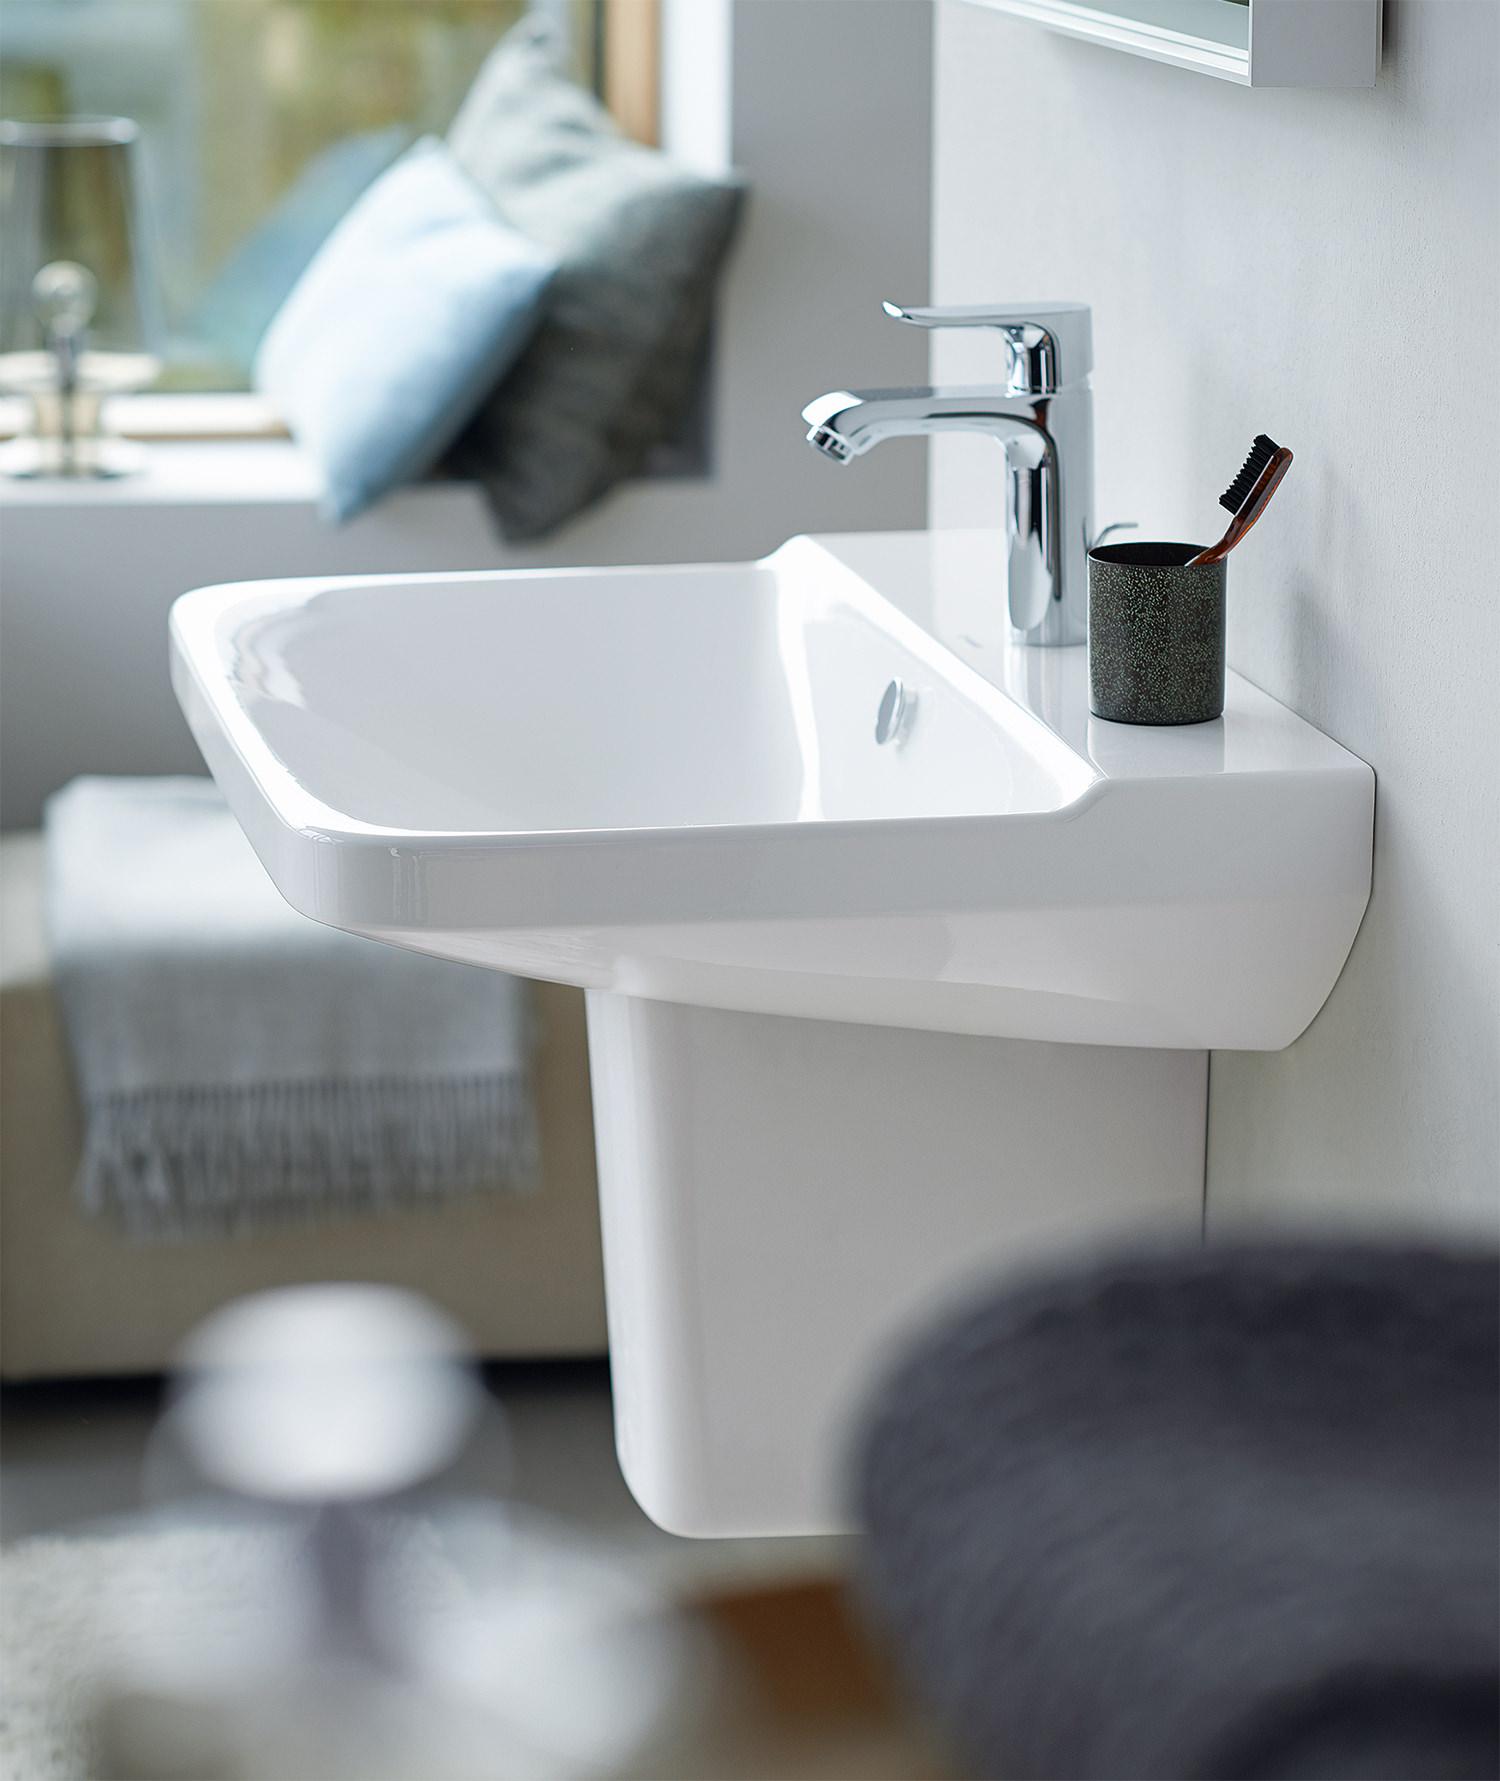 duravit p3 comforts 550mm 1 taphole washbasin 2331550000. Black Bedroom Furniture Sets. Home Design Ideas